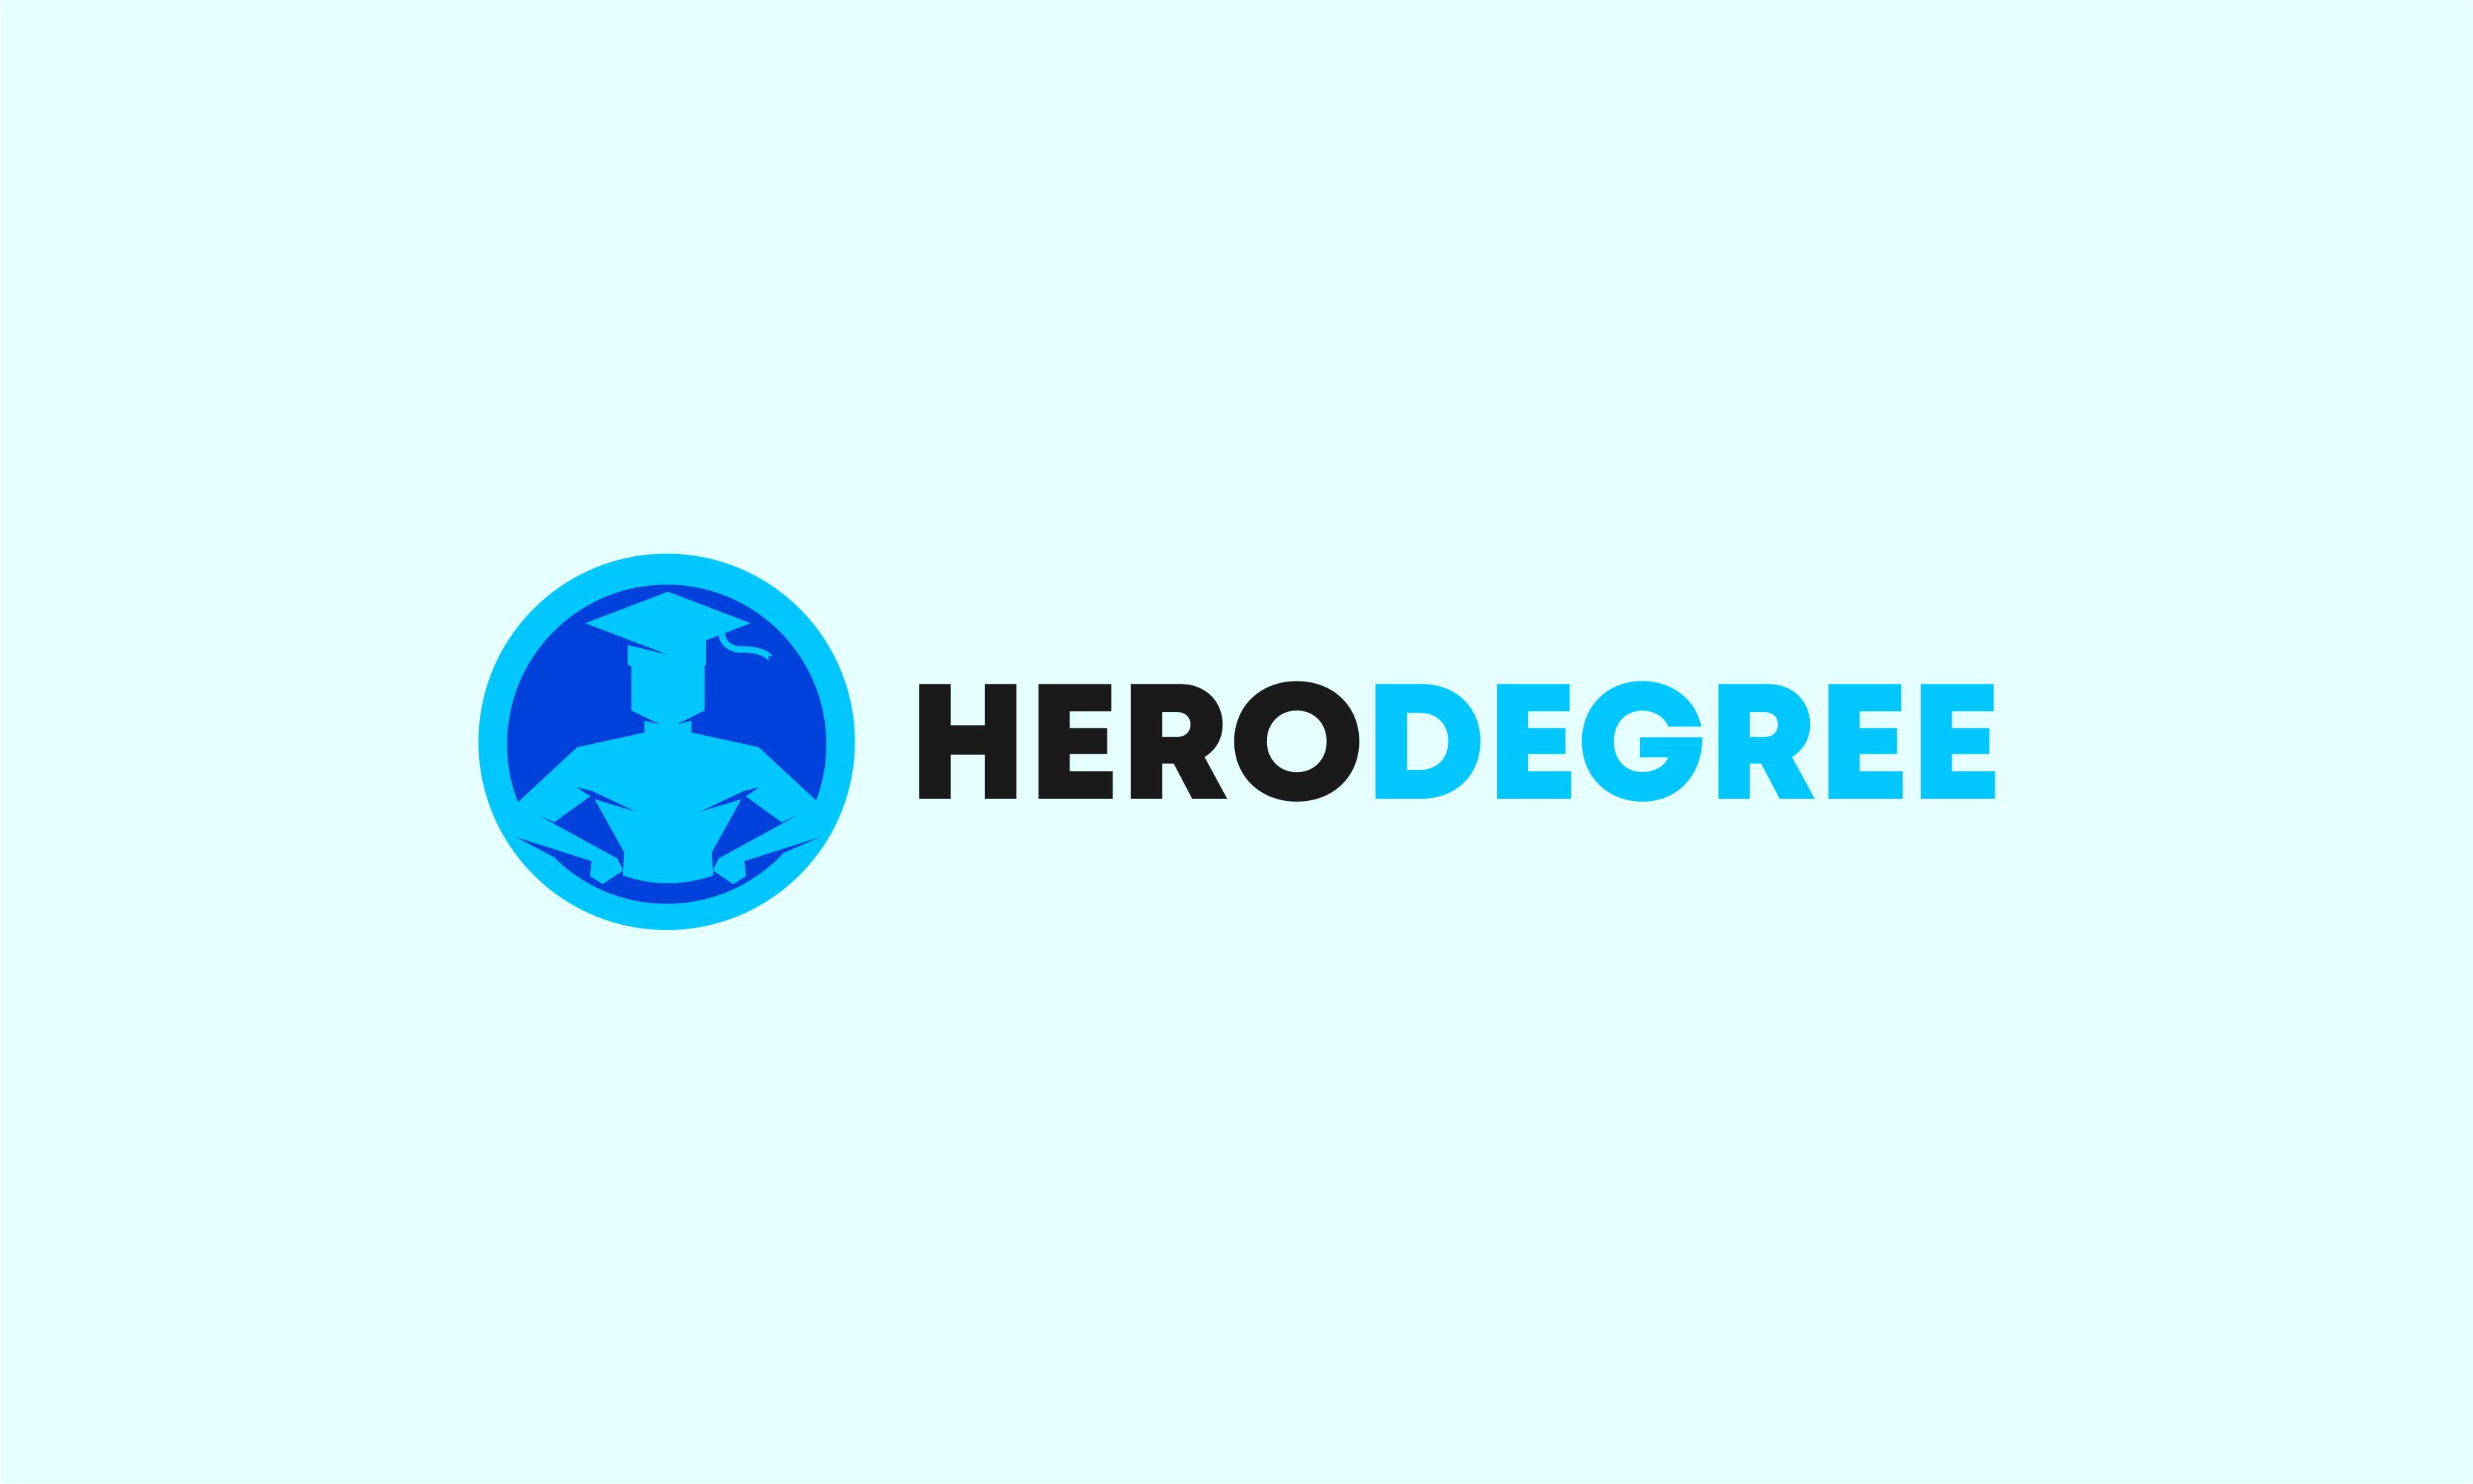 Herodegree